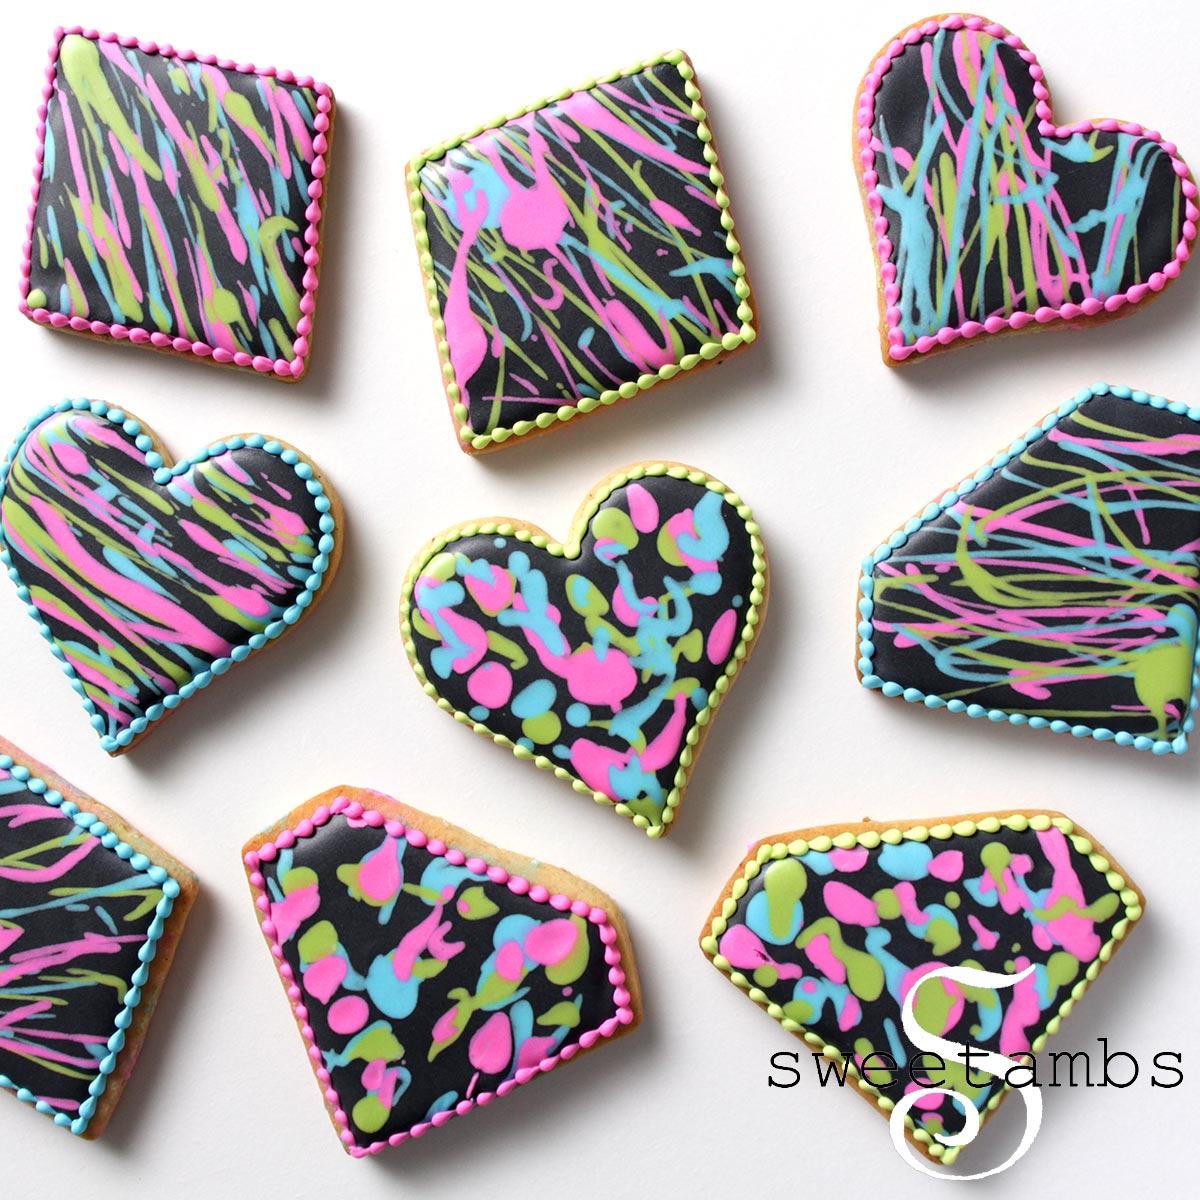 Neon-Splatter-Cookies3